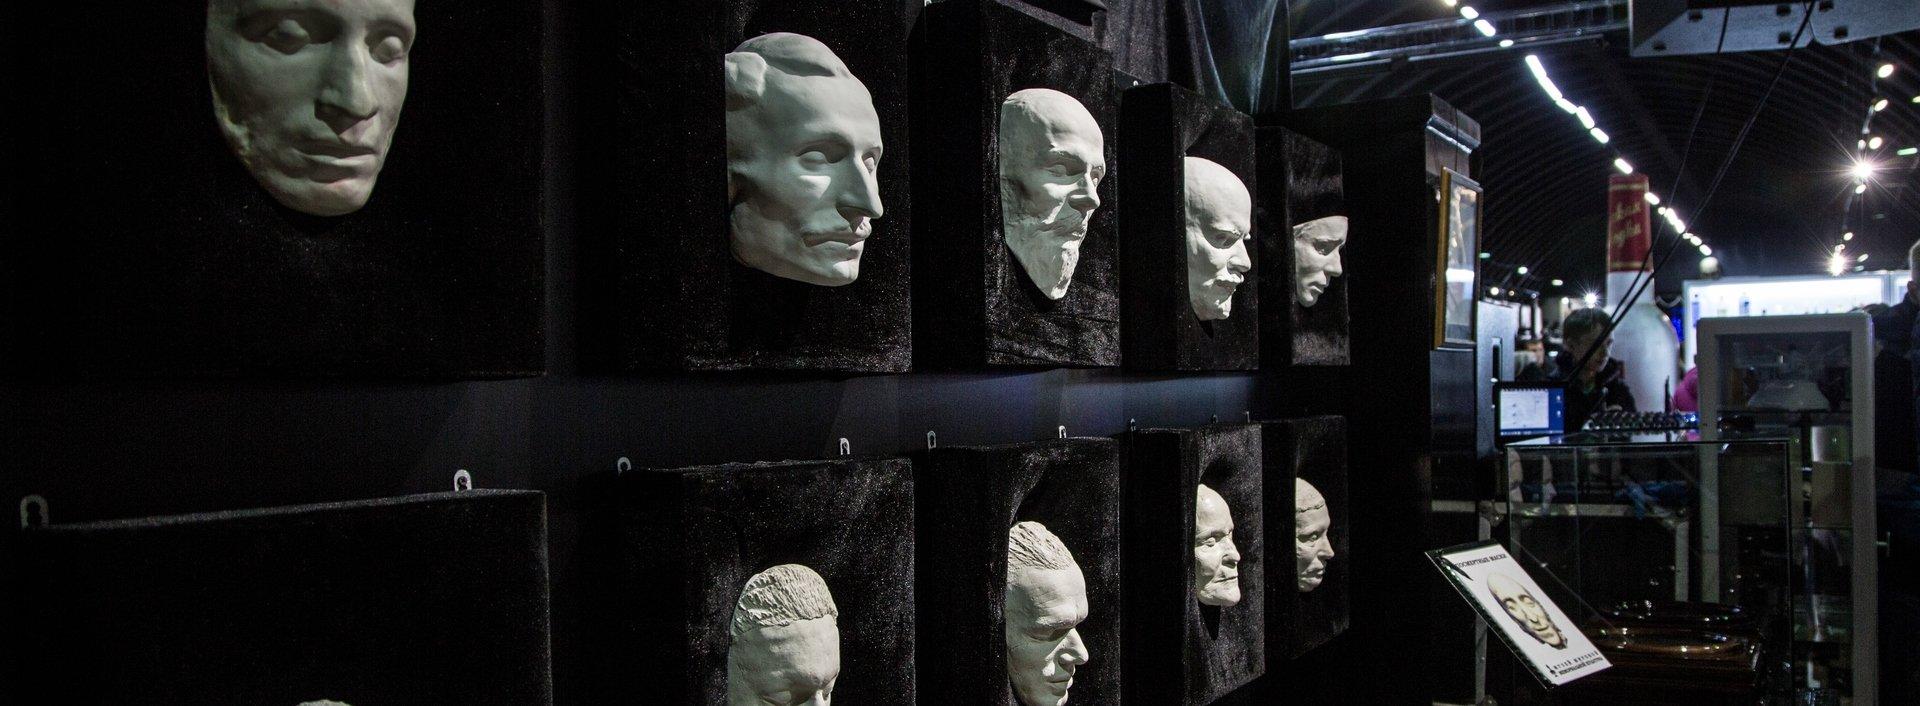 Посмертные маски известных личностей